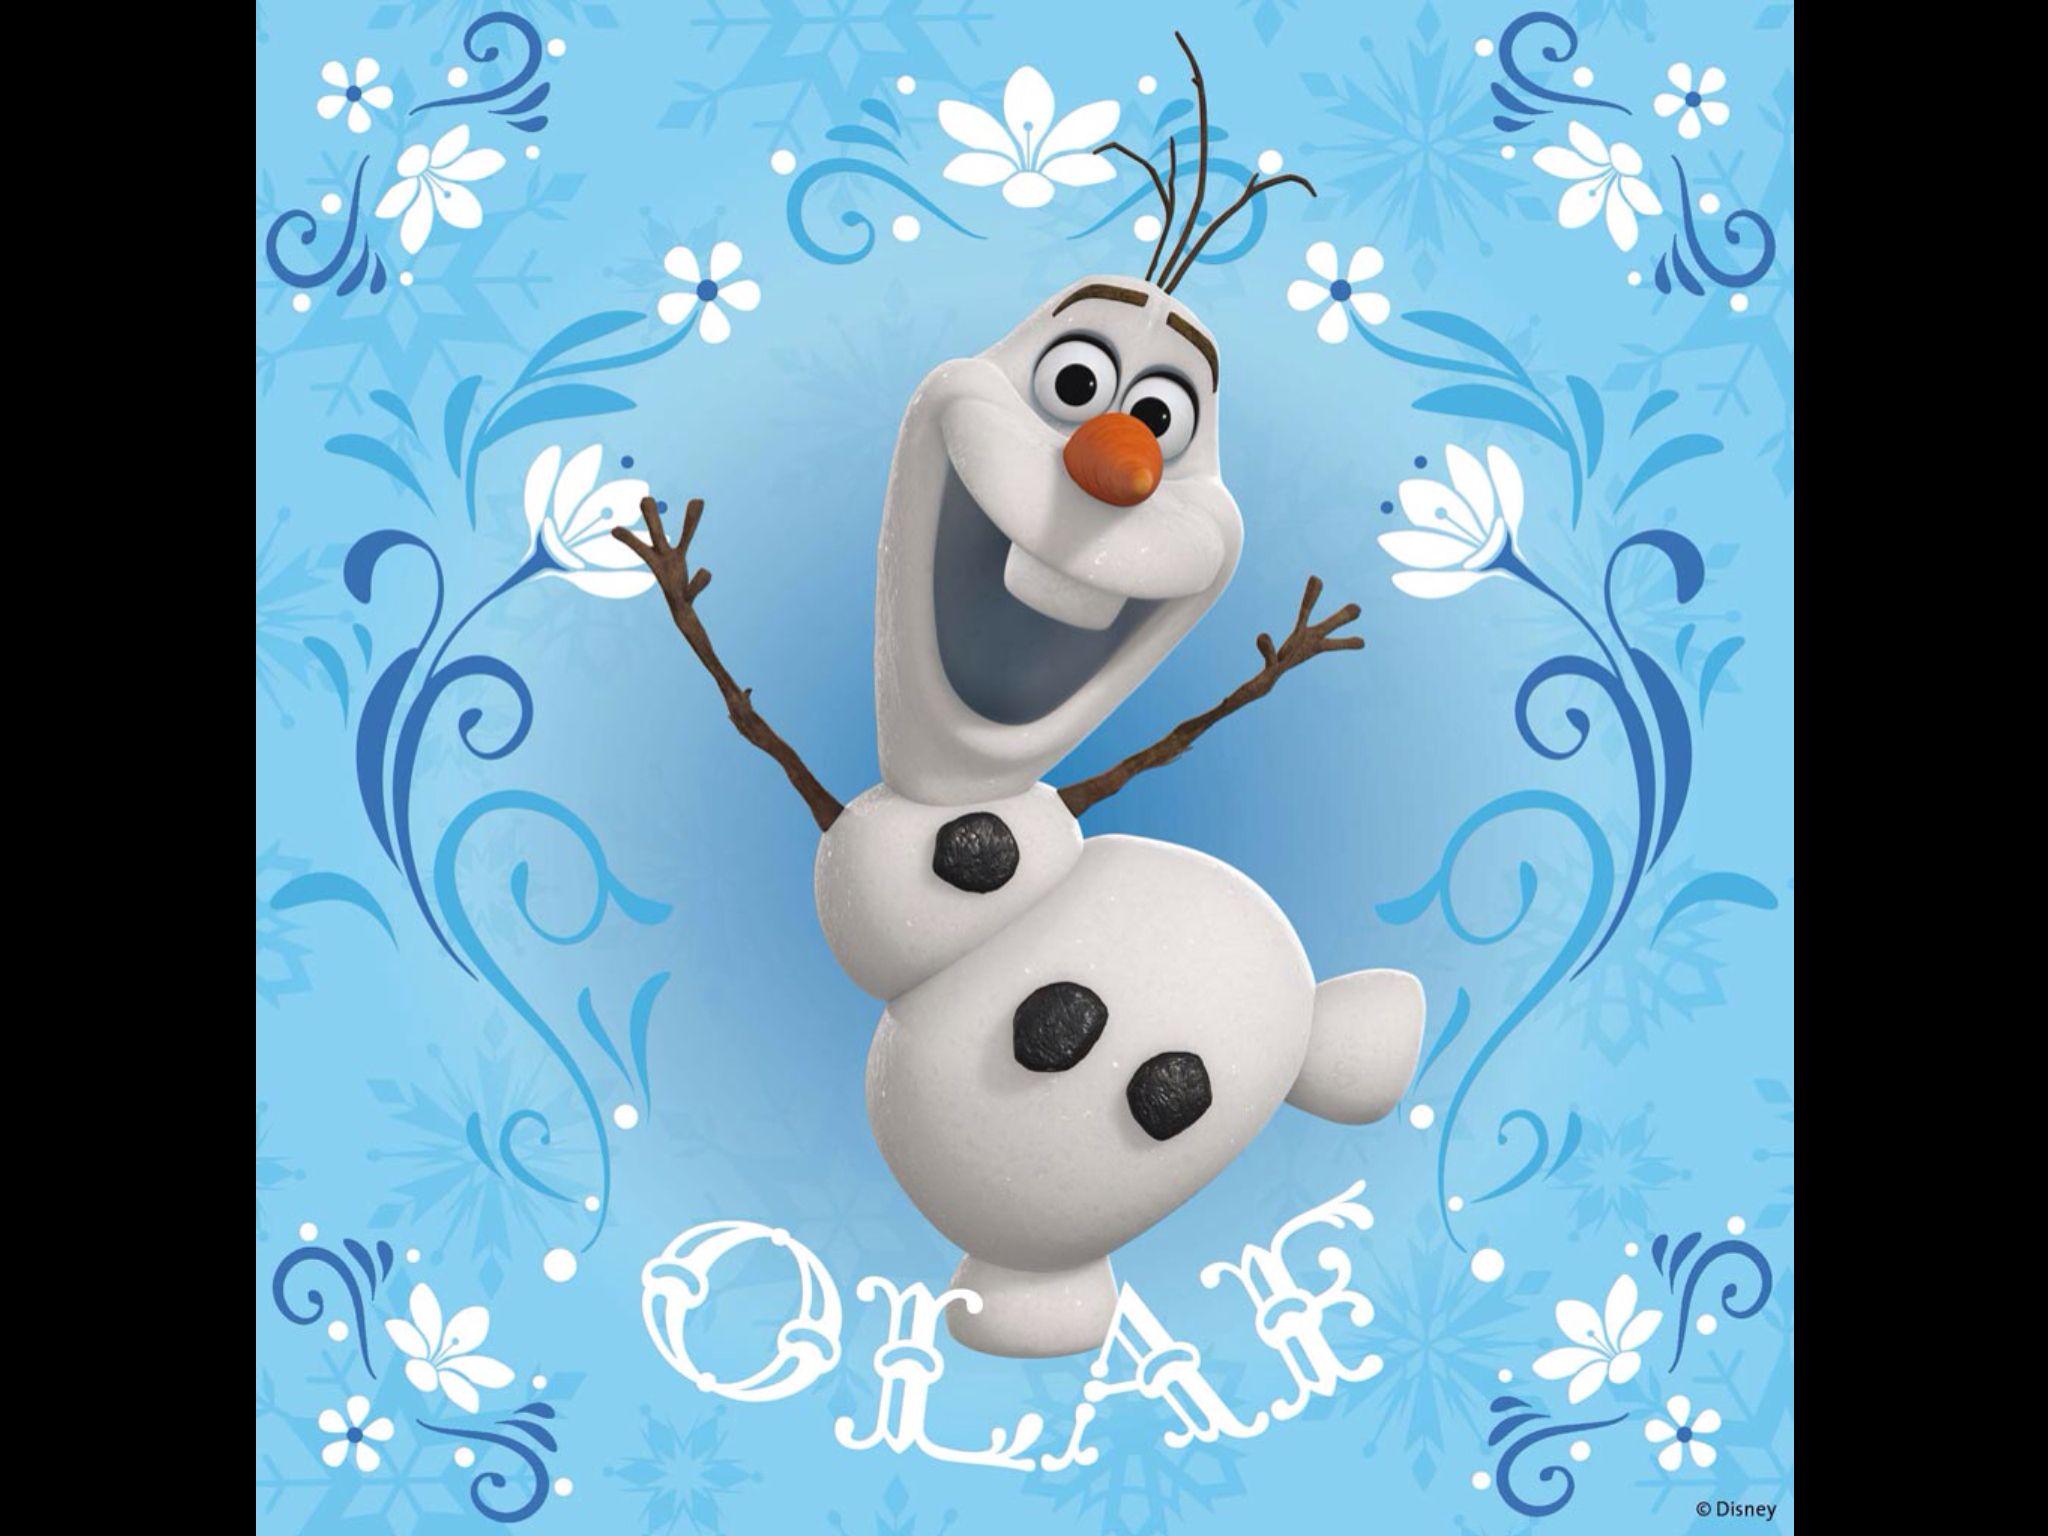 Disney Frozen Olaf Wallpaper | Frozen * | Pinterest